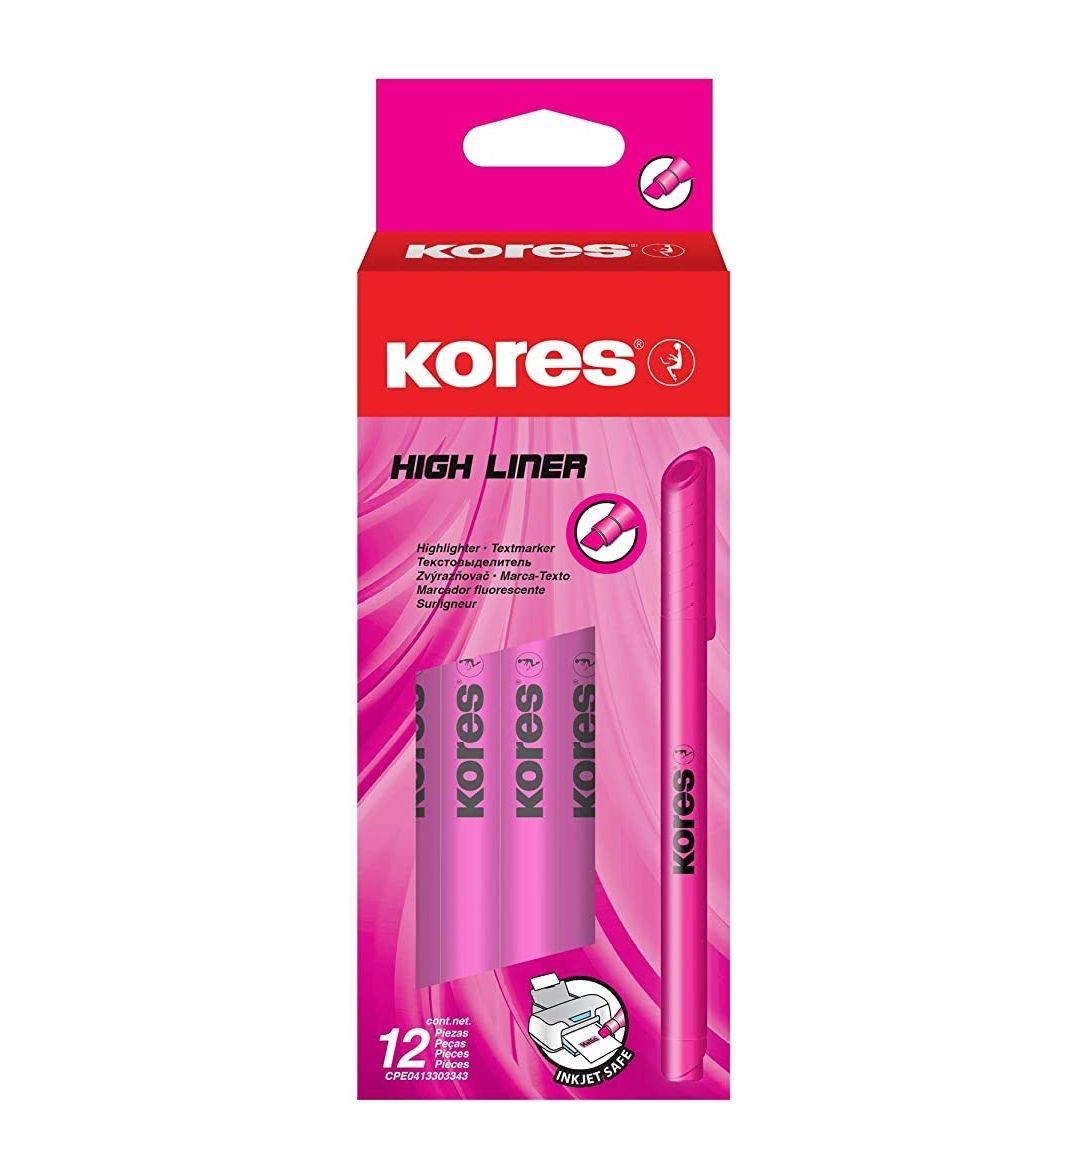 Rotulador marcador de punta biselada, caja de 12 unidades en color rosa 0,32€ud